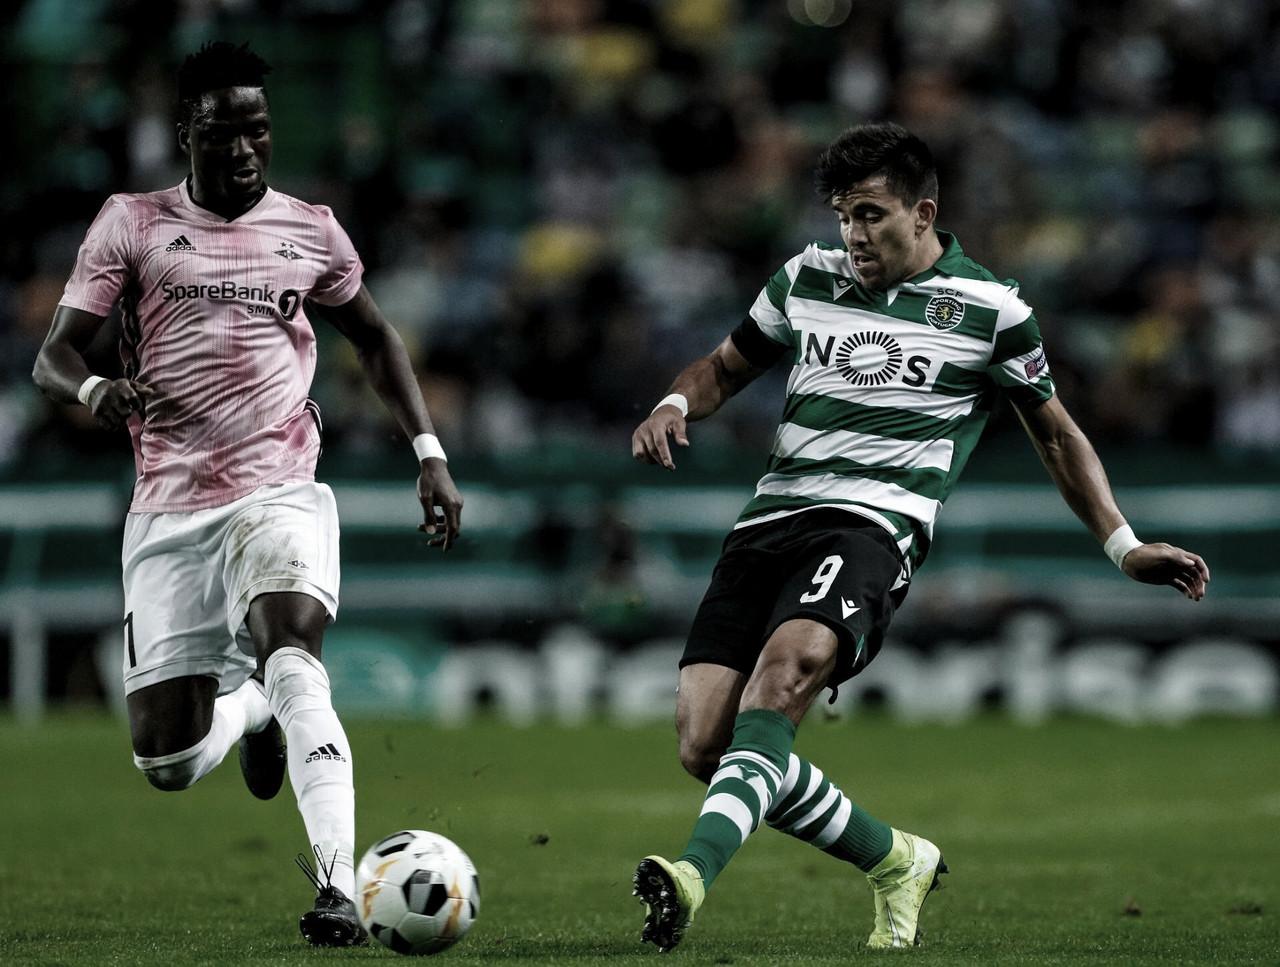 Em jogo morno, Sporting vence Rosenborg pela Europa League